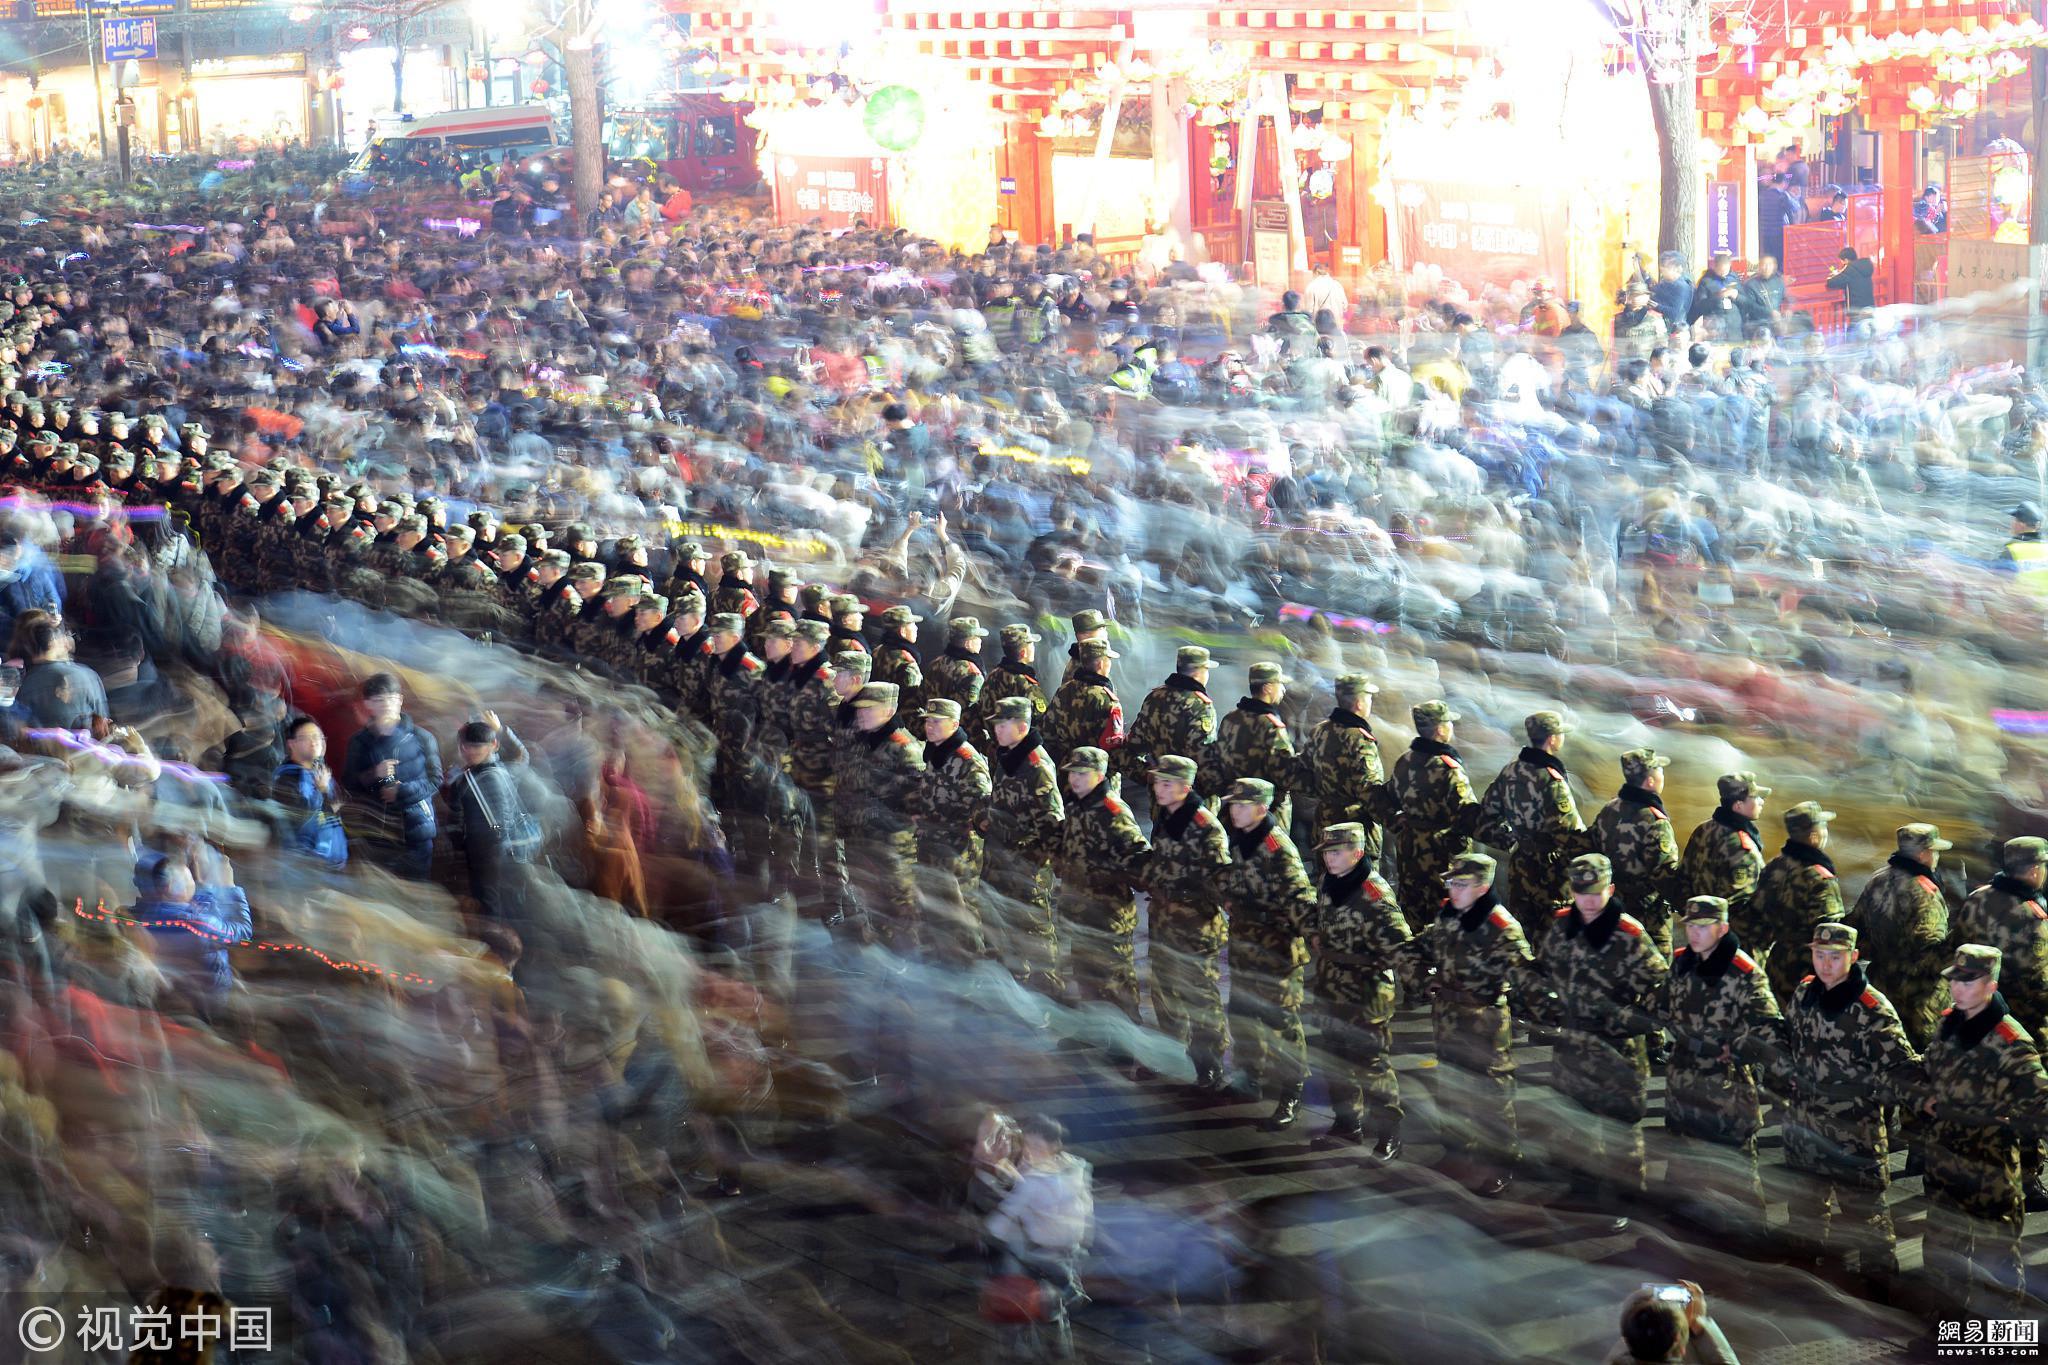 南京武警官兵搭设人墙护航游客秦淮赏灯 ! - 周公乐 - xinhua8848 的博客